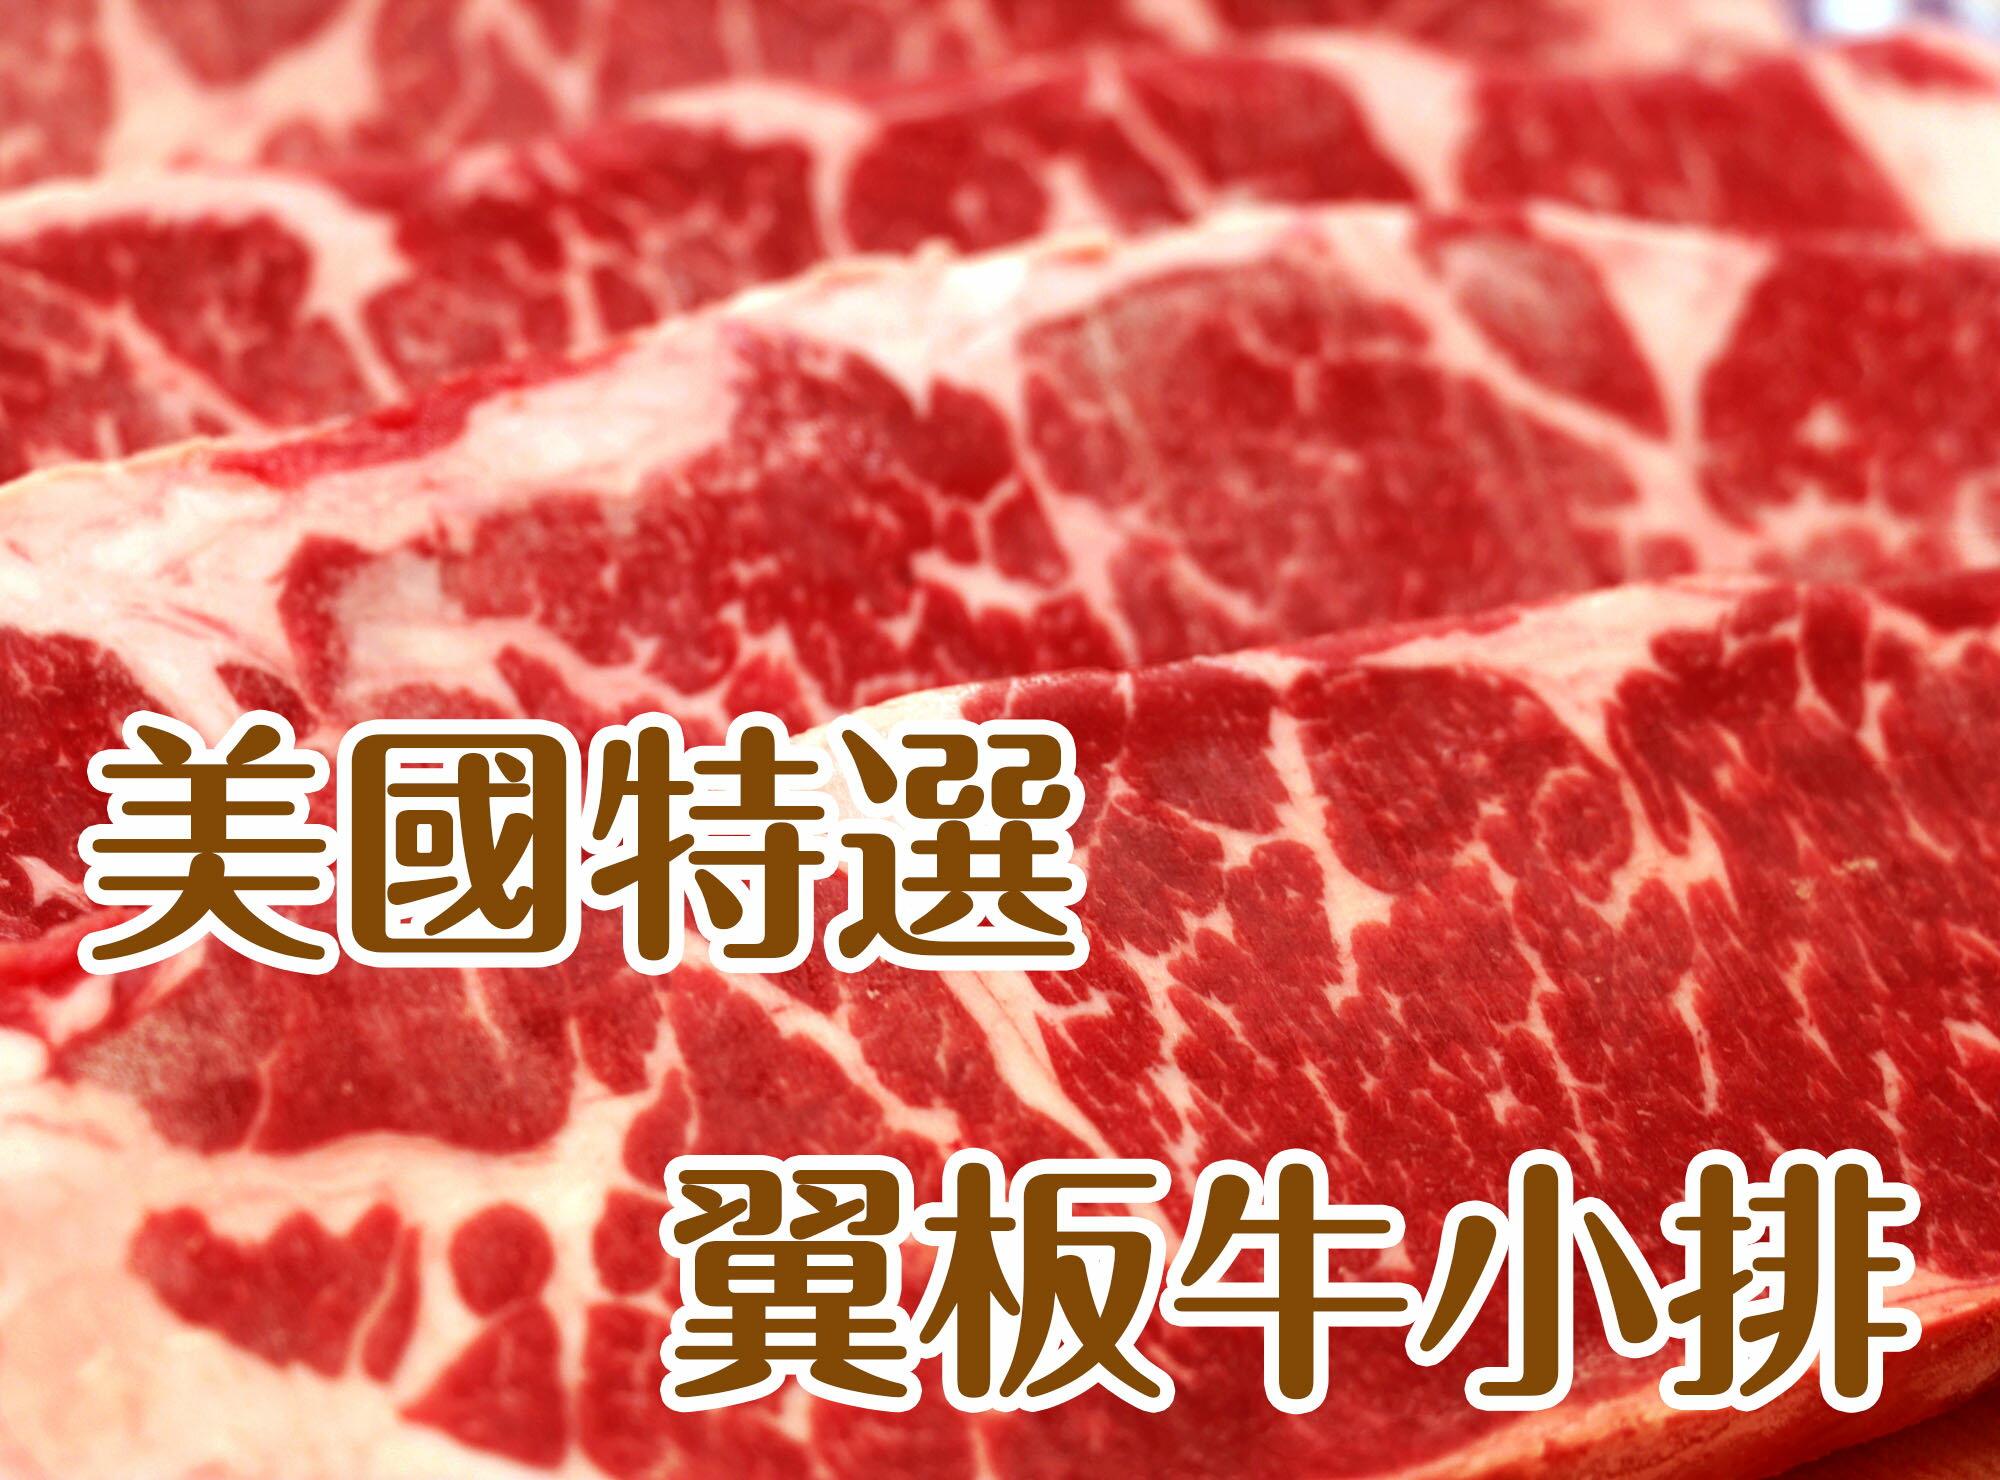 「友利鮮舖」特選翼板牛小排 聚會烤肉首選 (約500g)  1.5公分切片| 鮮甜美味又有口感